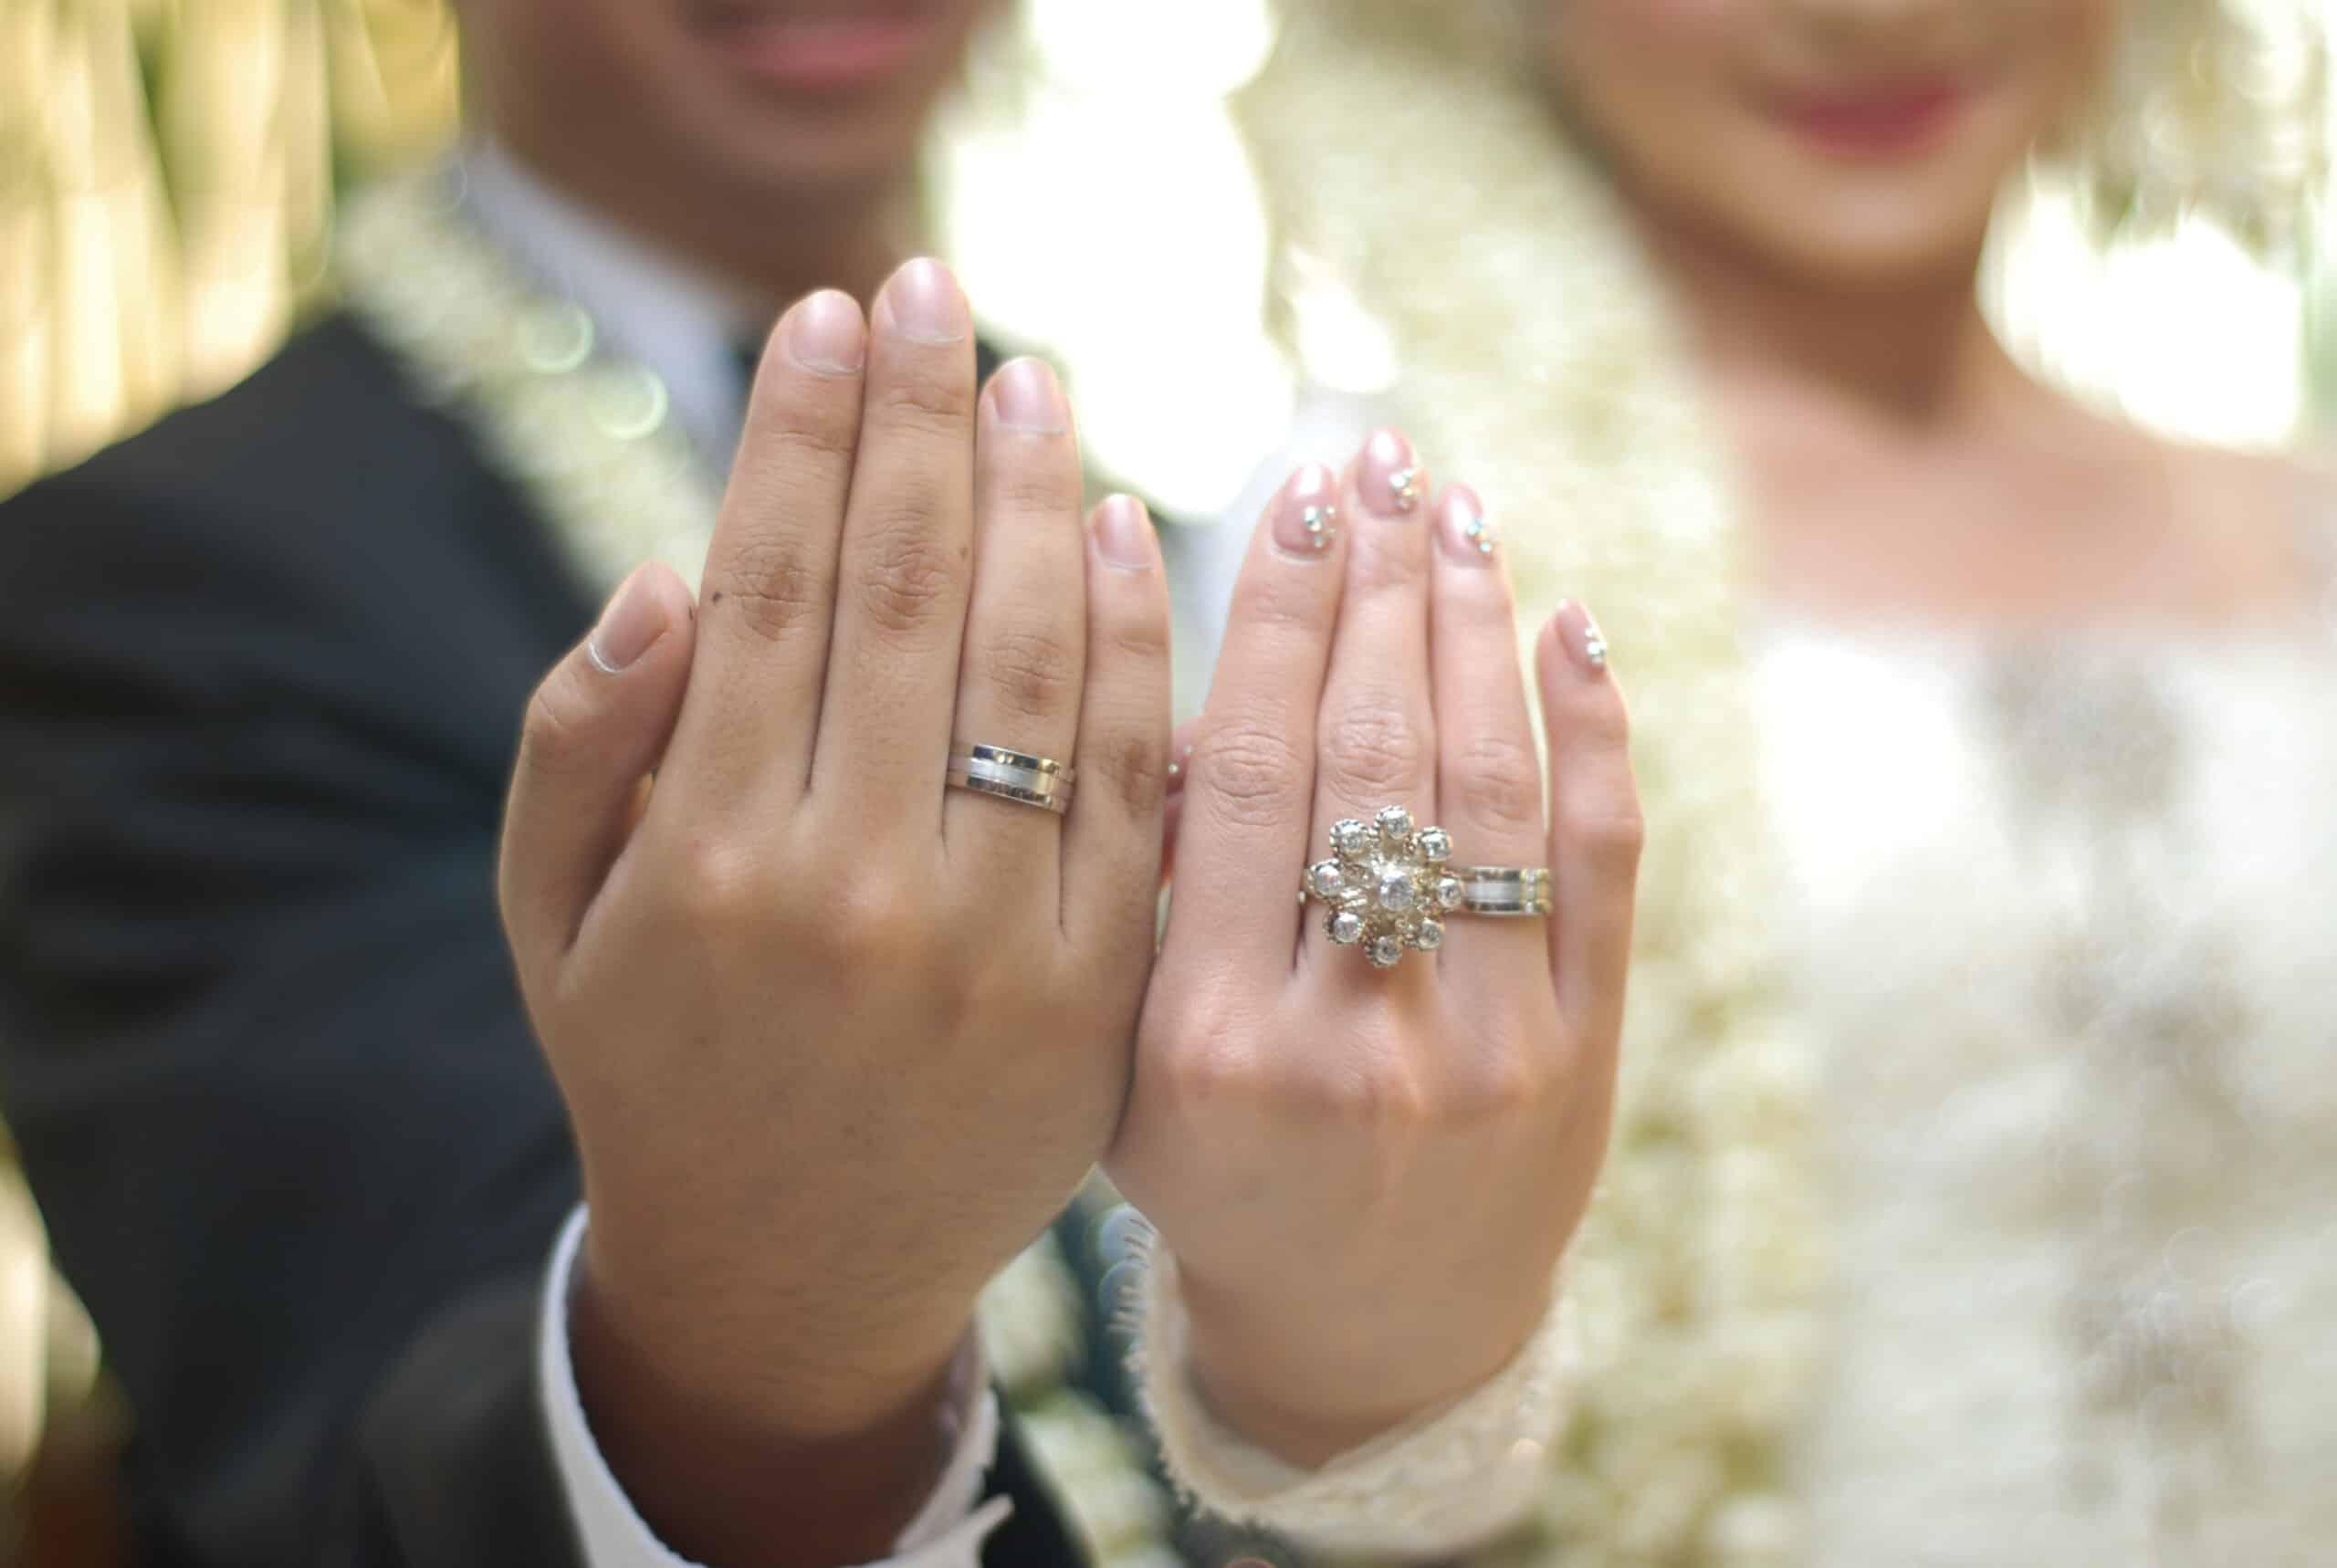 Doa Dalam Sebuah Penikahan Menjadi Hal Yang Penting